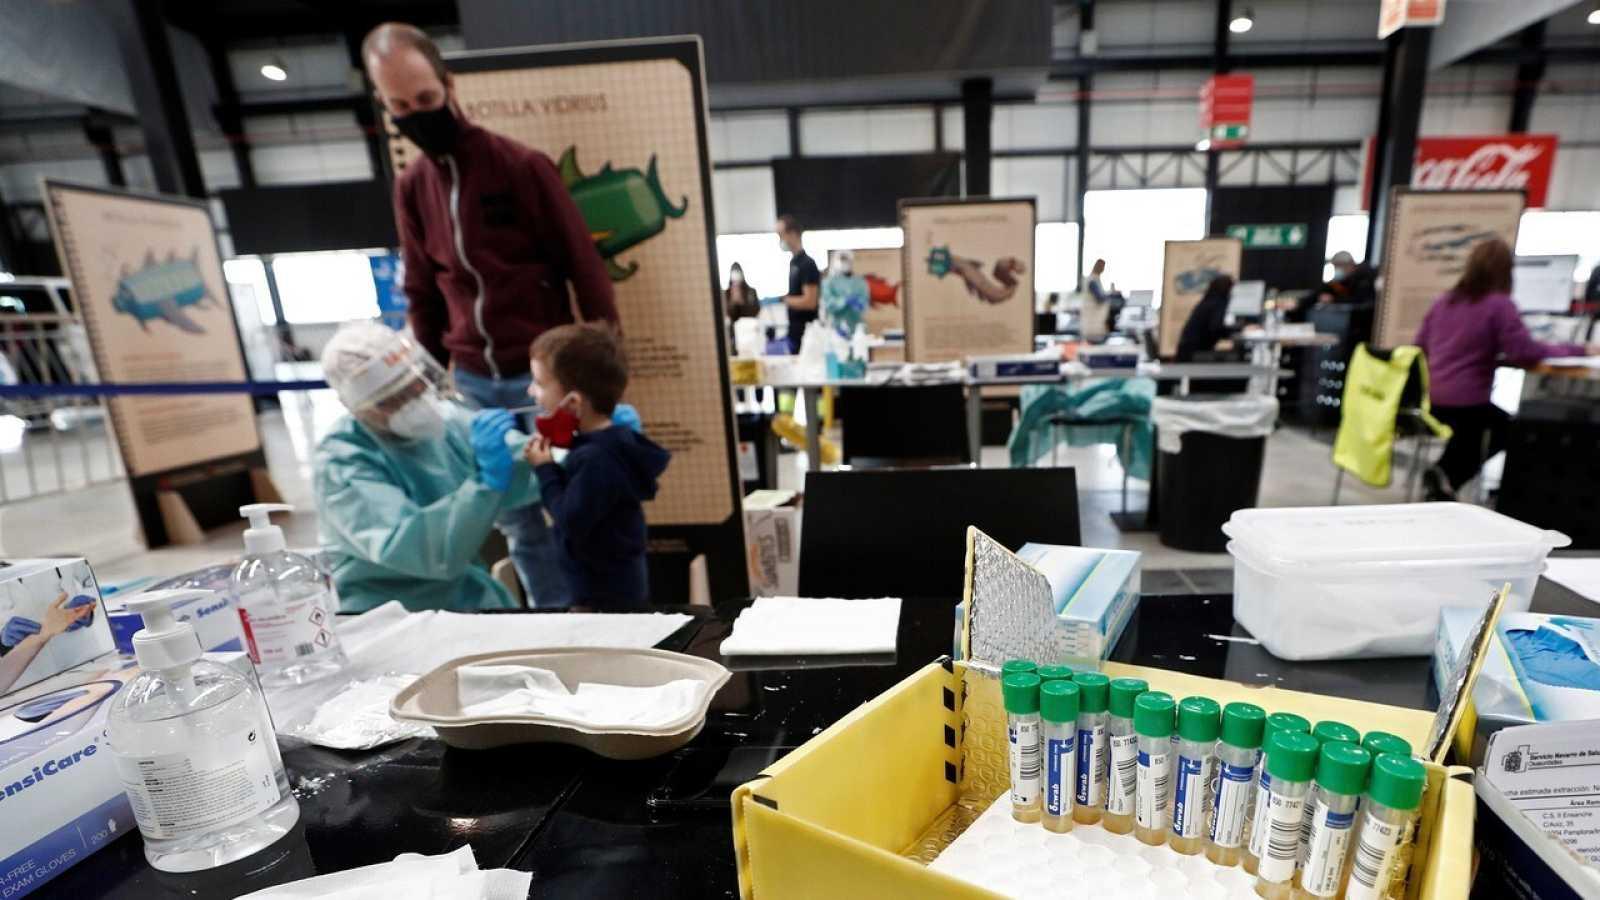 Una enfermera realiza una PCR en Refena, Navarra, lugar habilitado desde el principio de la pandemia para la realización de las pruebas.  EFE/ Jesús Diges